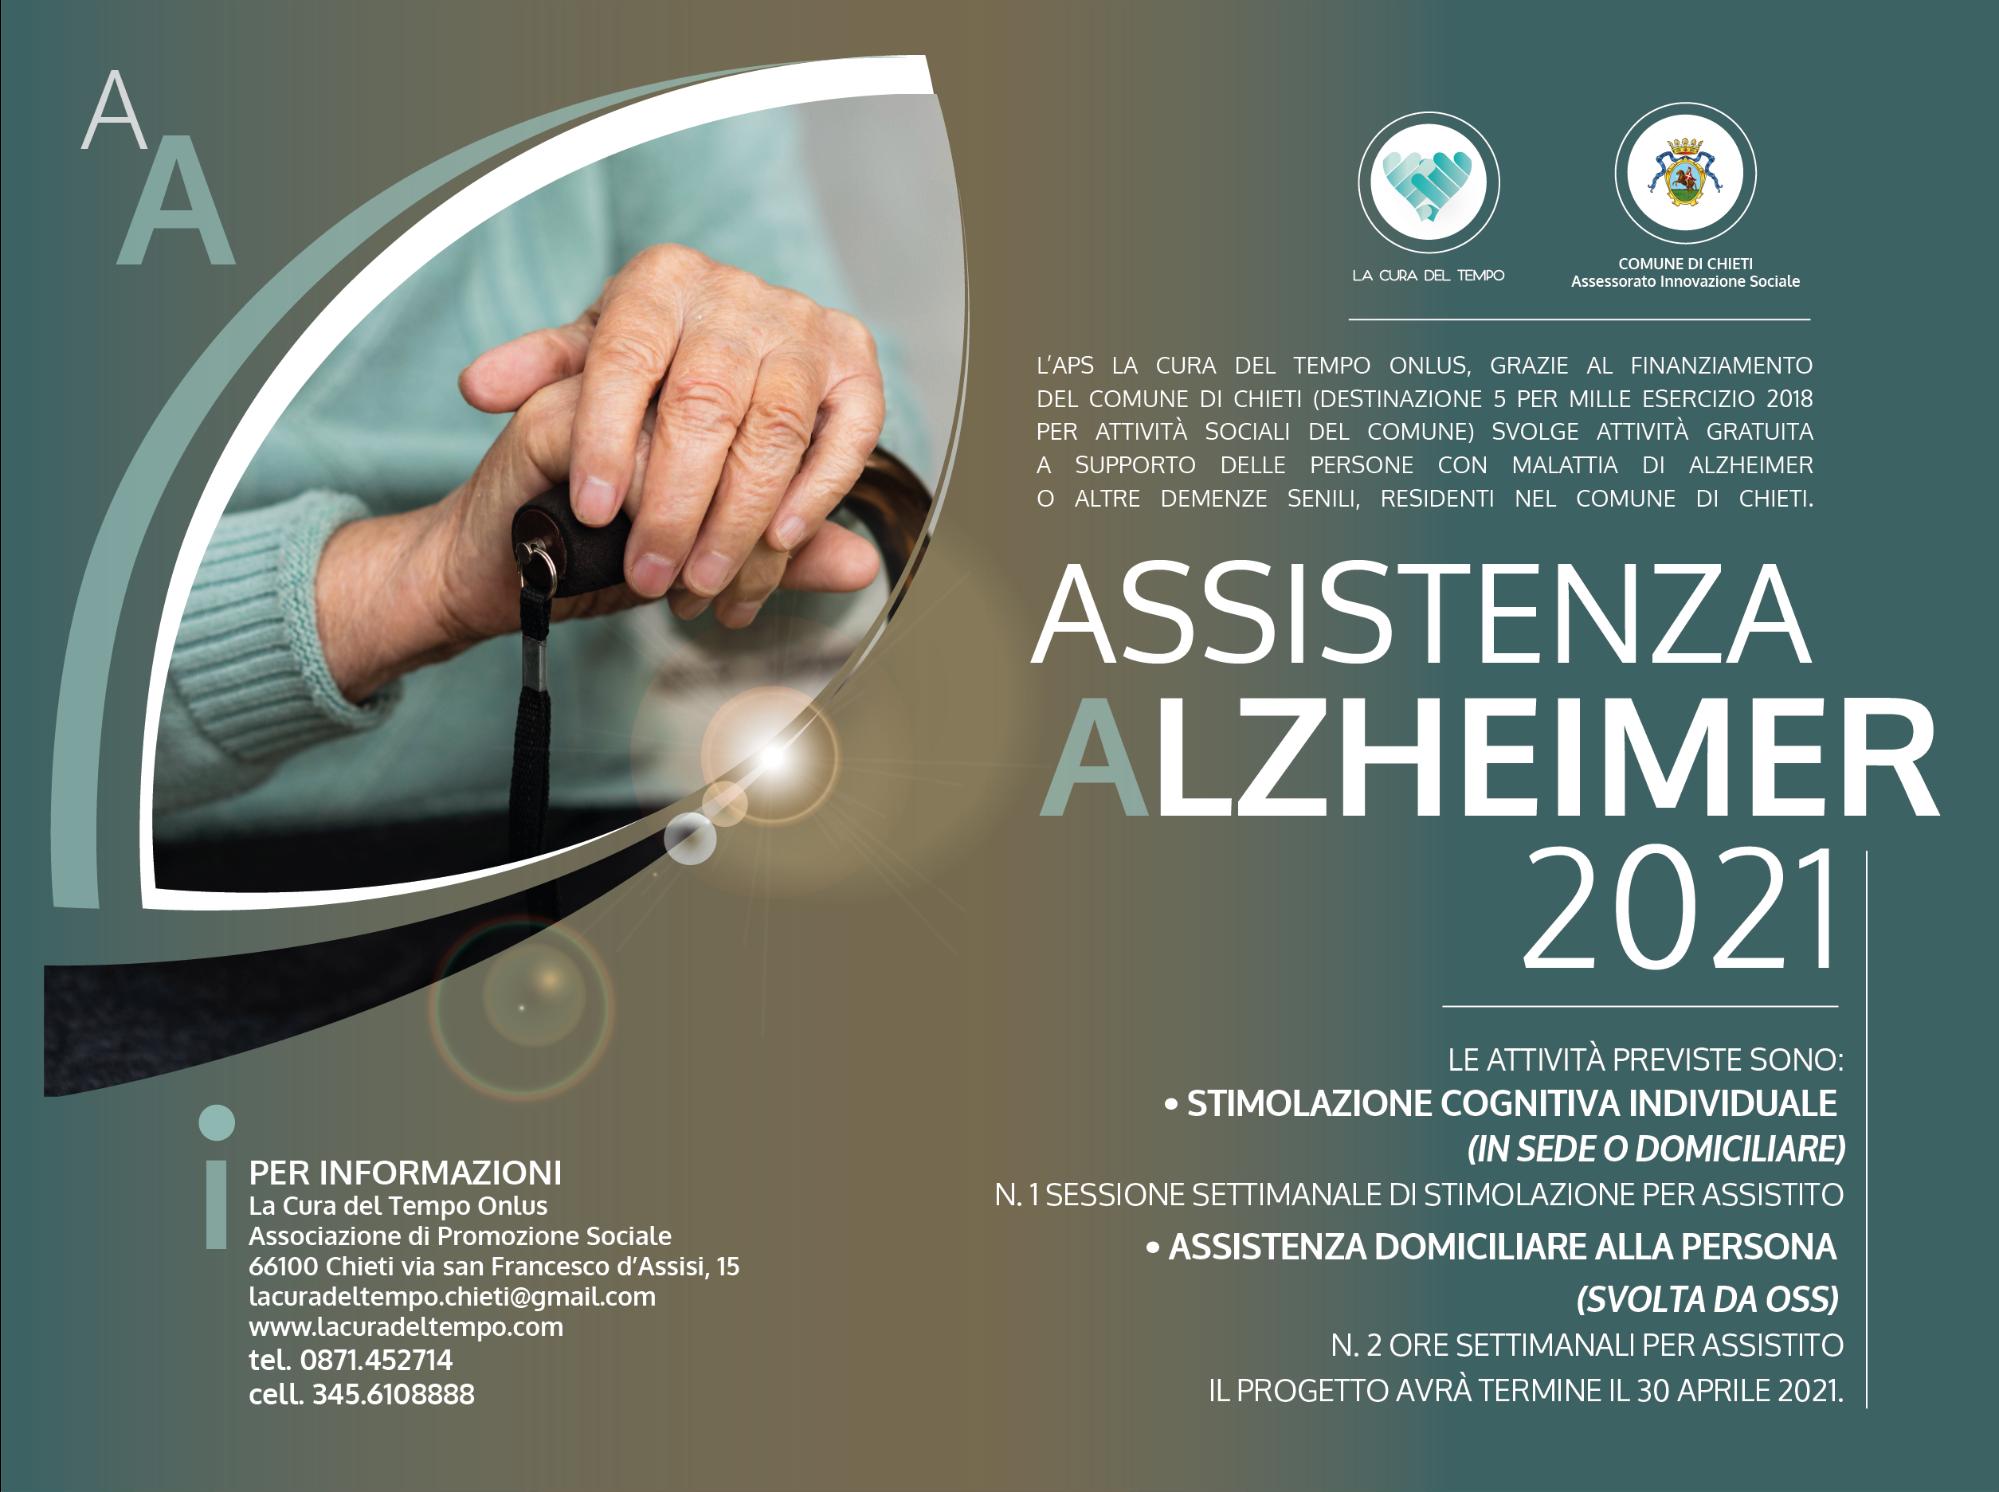 A.A. Assistenza Alzheimer - attività gratuita a supporto delle persone con malattia di Alzheimer o altre demenze senili